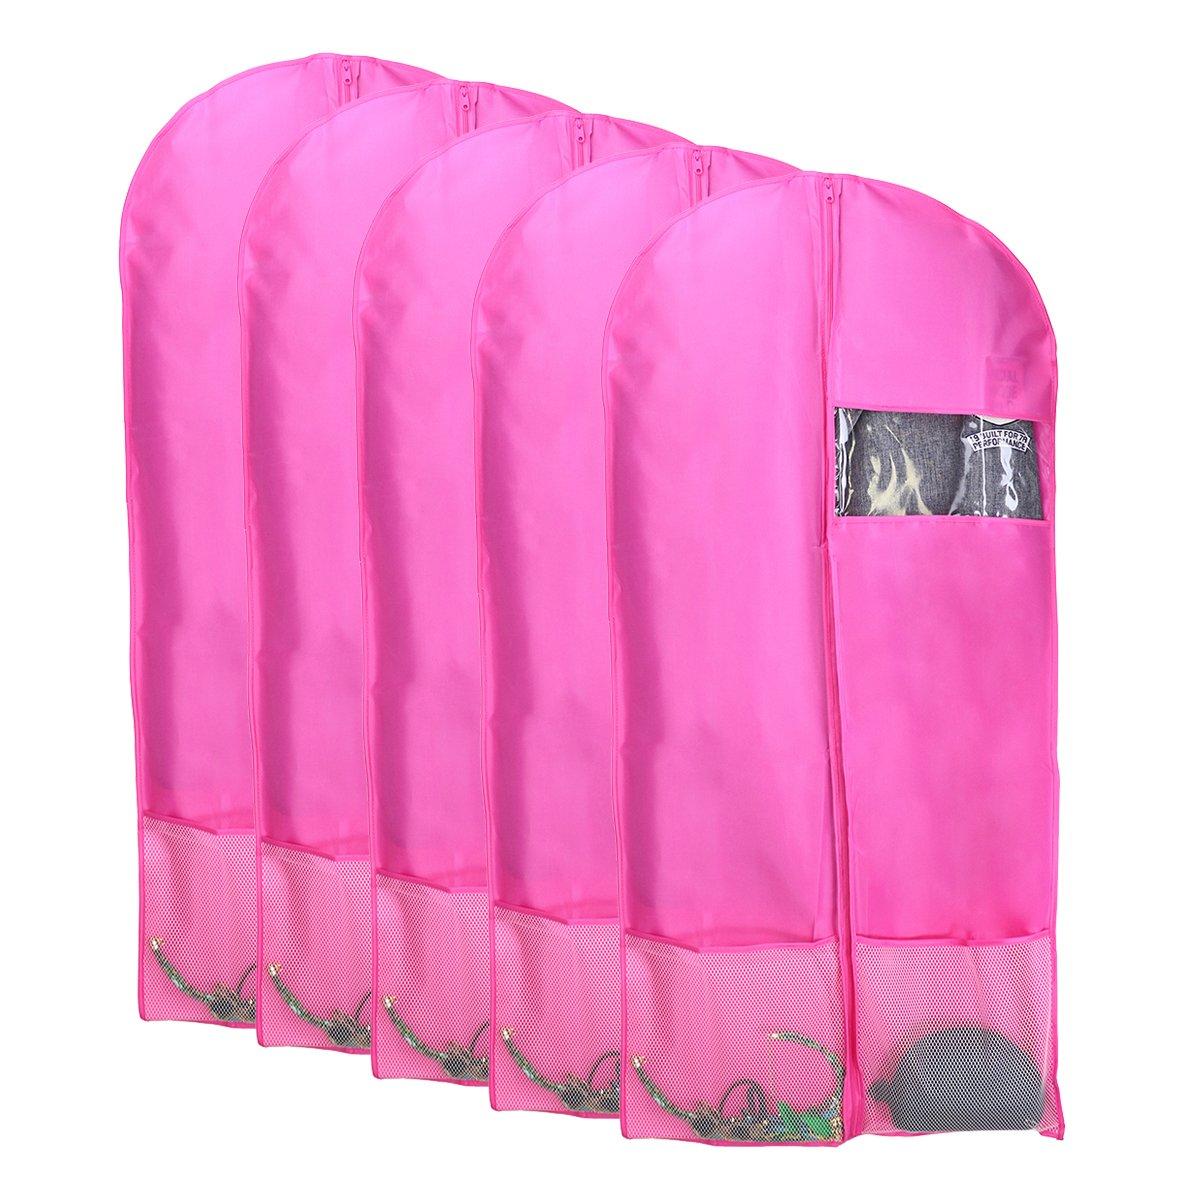 Kernorv Garment Bags for Dance Costumes, Set of 5 Breathable Dust-proof Garment Bags 51'' Dance Garment Bags with Clear Window for Dance Costumes, Dress, Jacket, Storage or Travel (Pink) by Kernorv (Image #1)